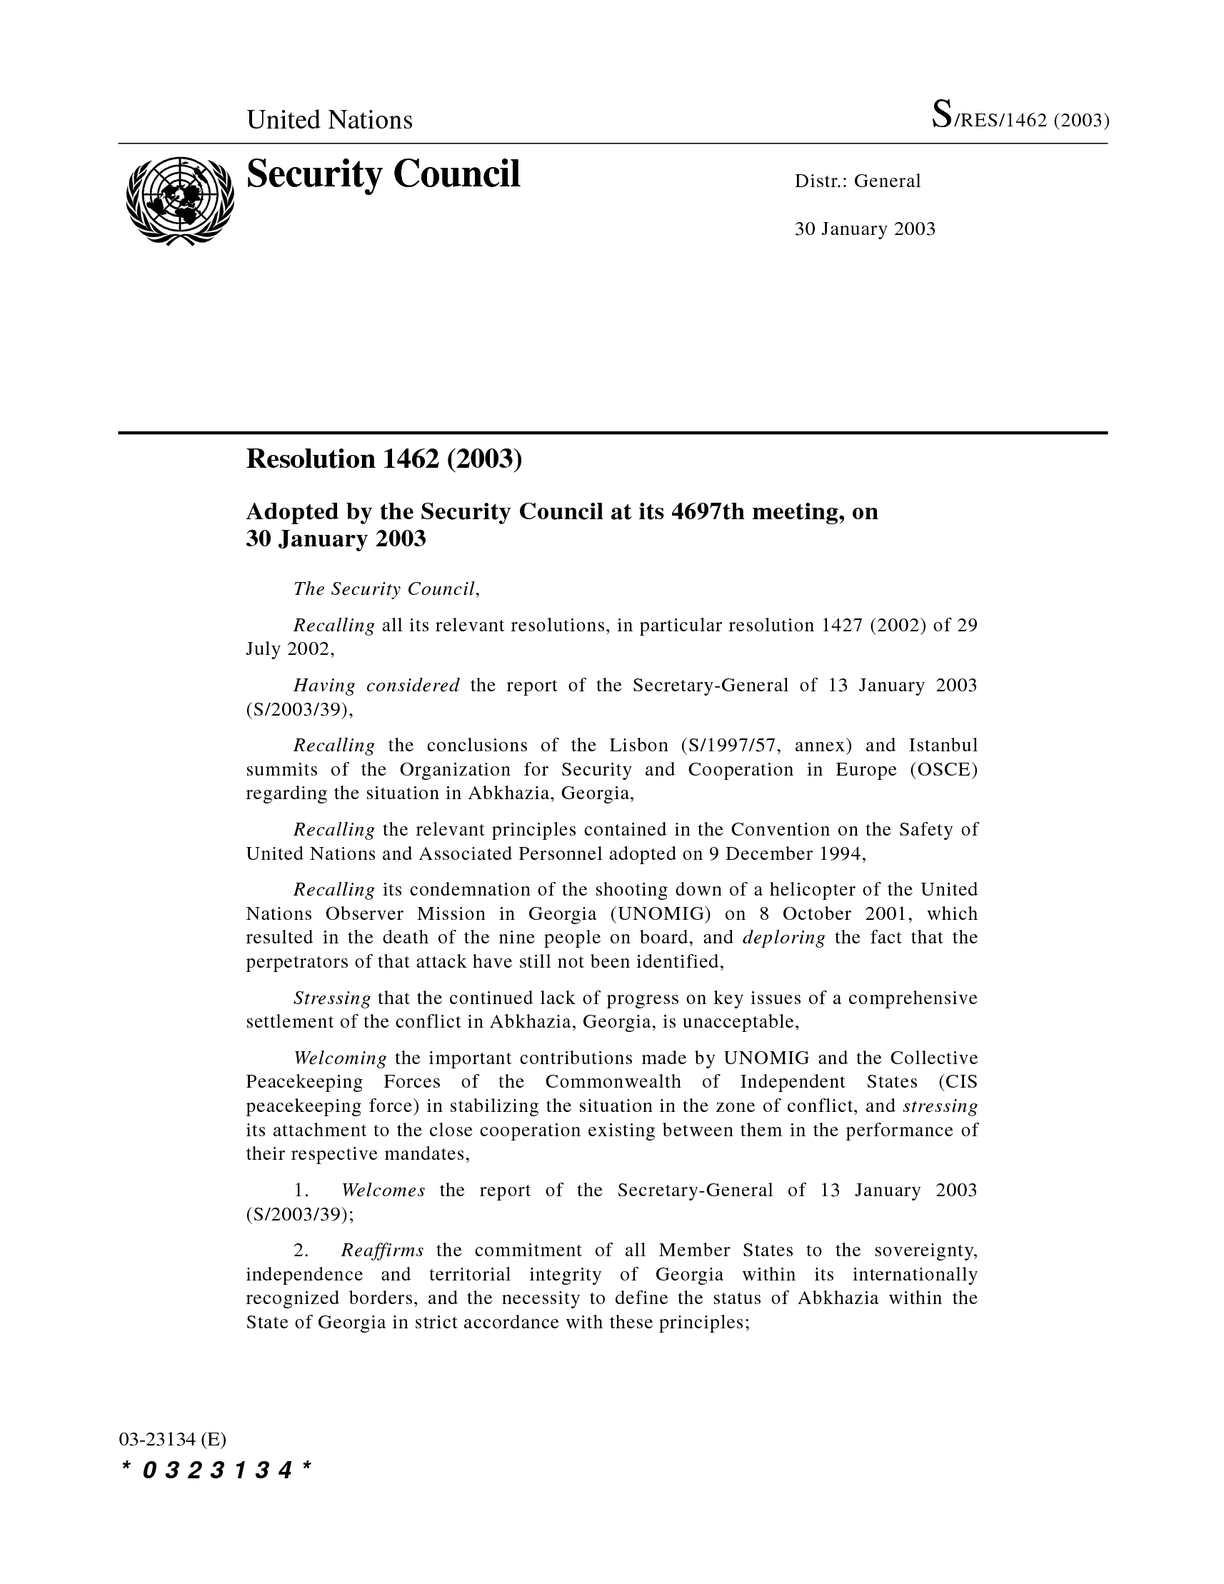 Calaméo - SC Res. 1462, 30 January 2003